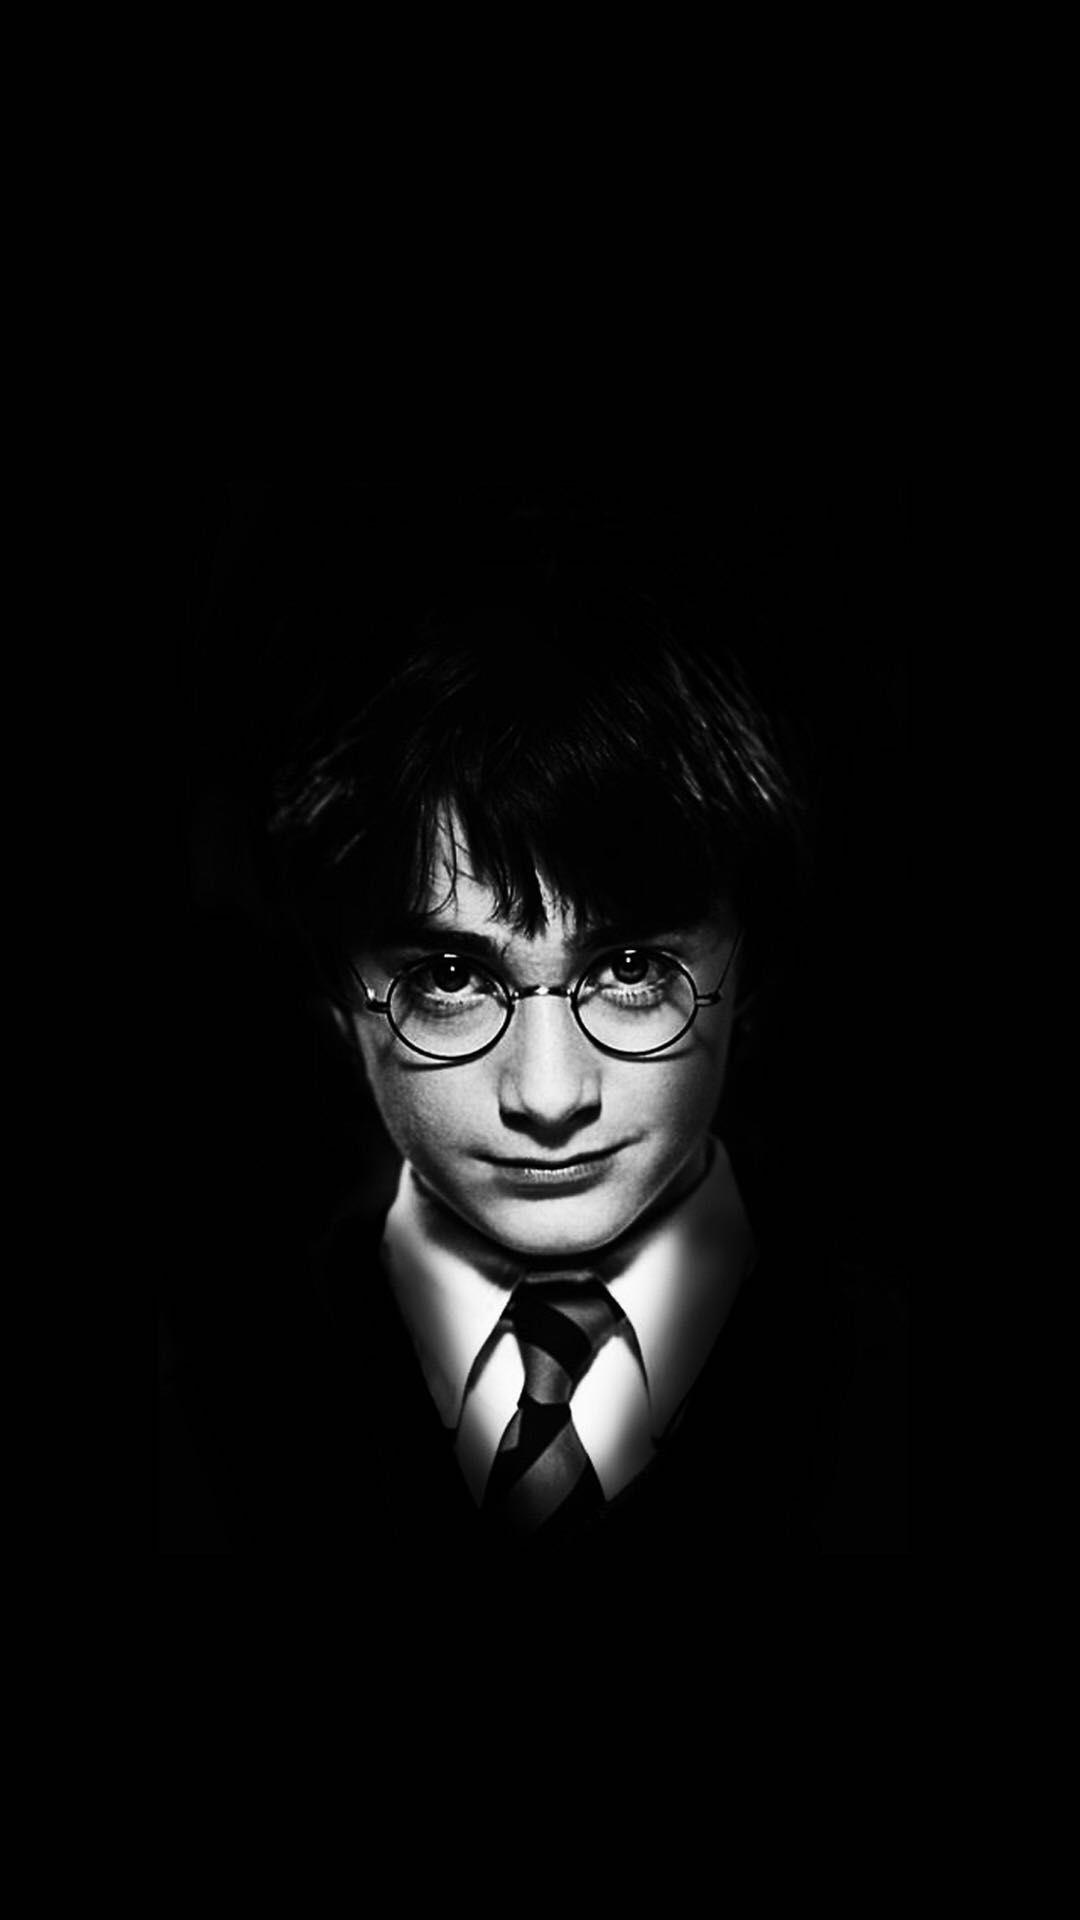 Fondos Harry Potter Wattpad